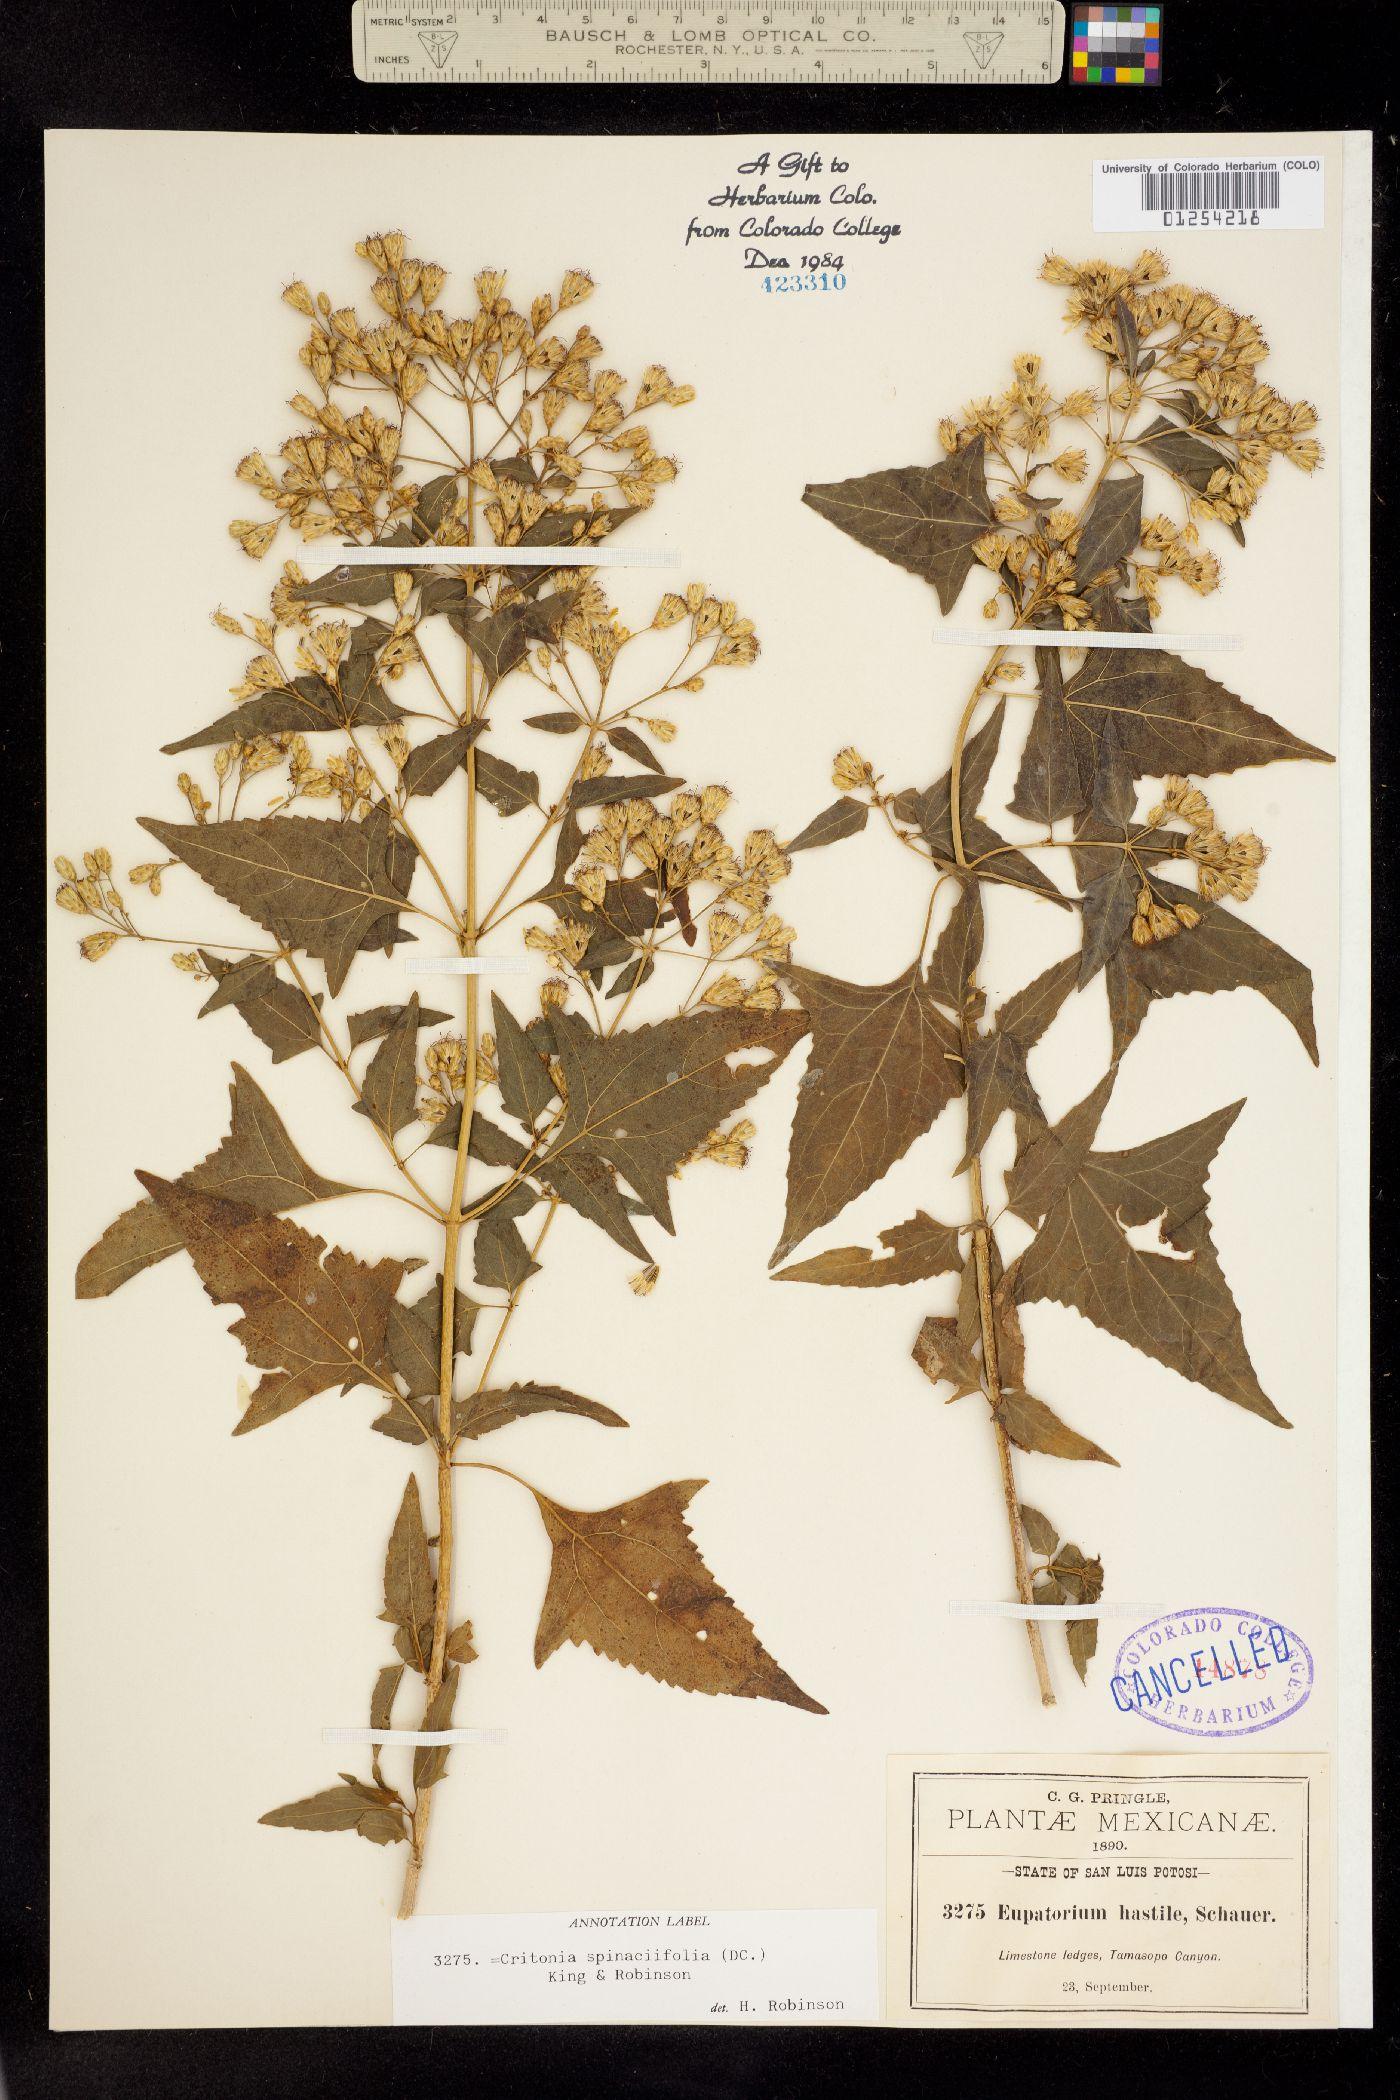 Critonia spinaciifolia image